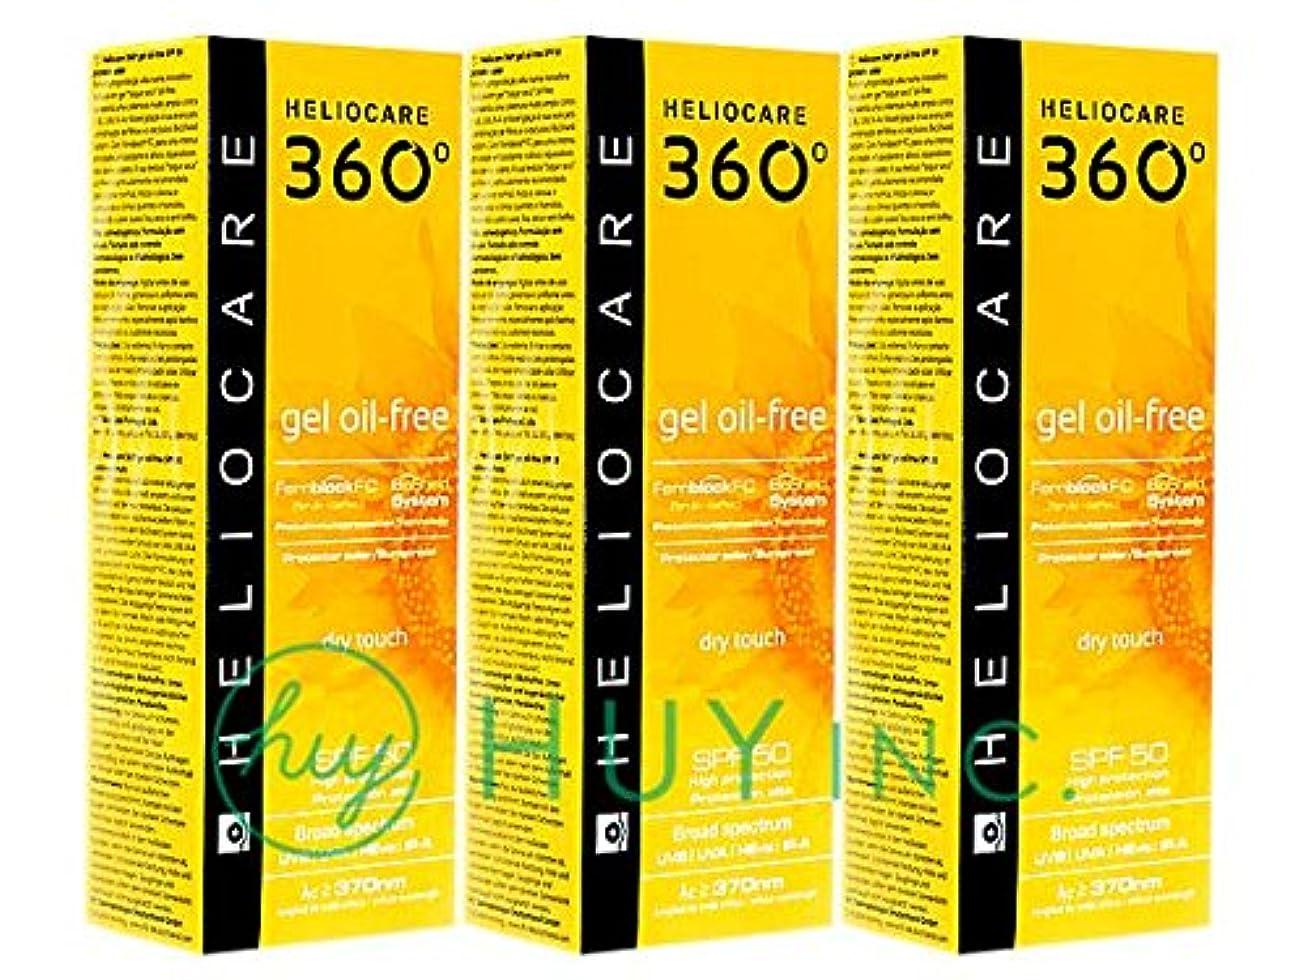 敬花束考古学ヘリオケア 360°ジェルオイルフリー(Heliocare360GelOil-Free)SPF50 3ボトル(50ml×3) [並行輸入品]